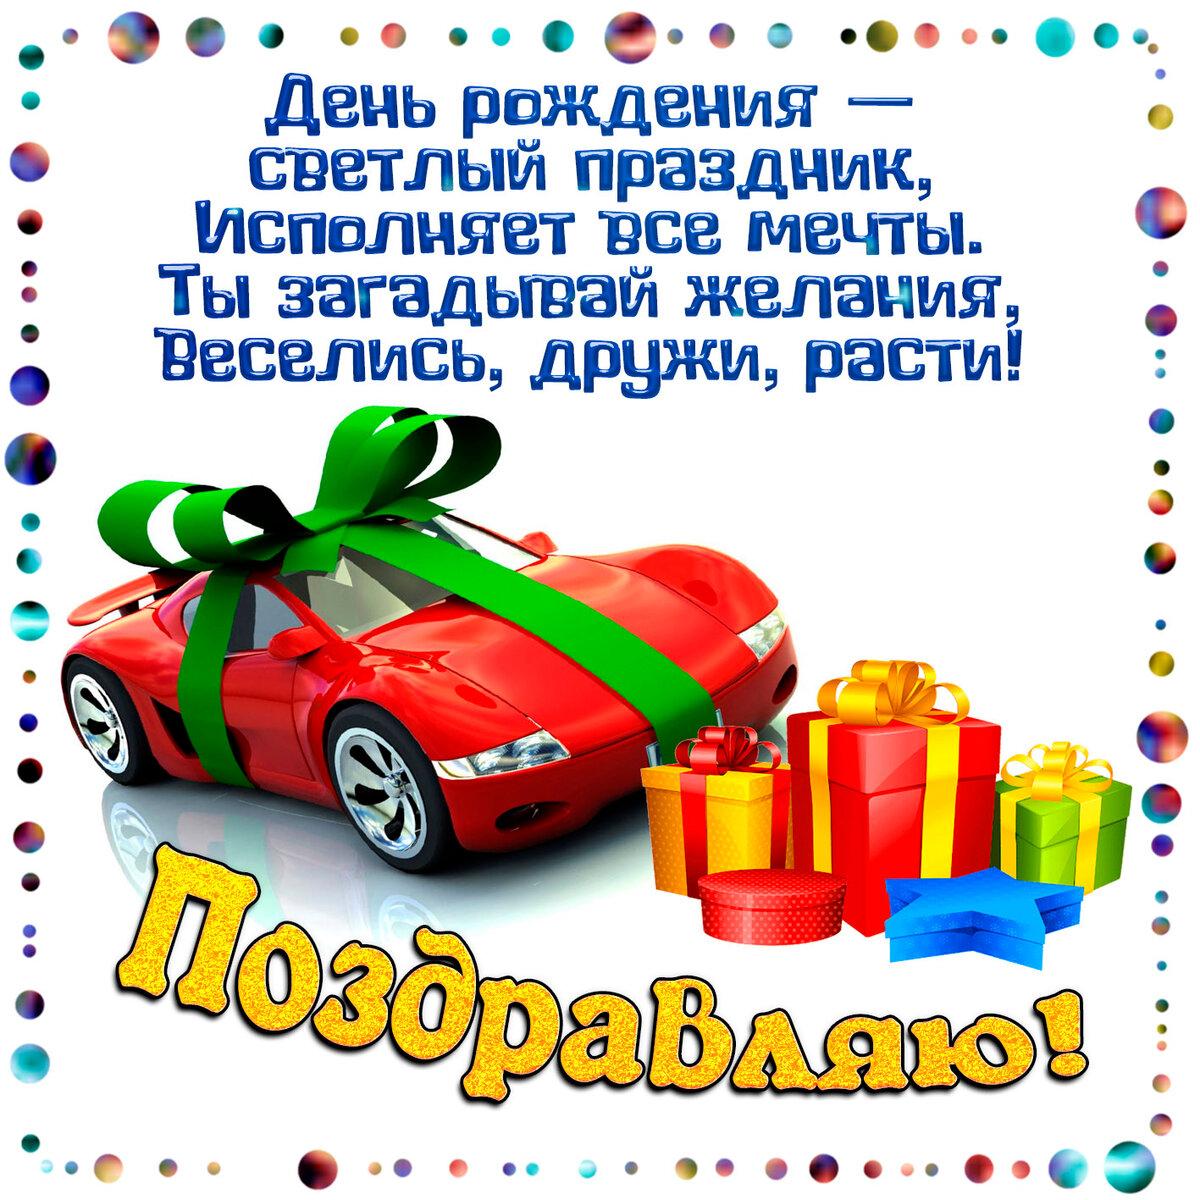 Красивые открытки с пожеланиями с днем рождения для мальчика